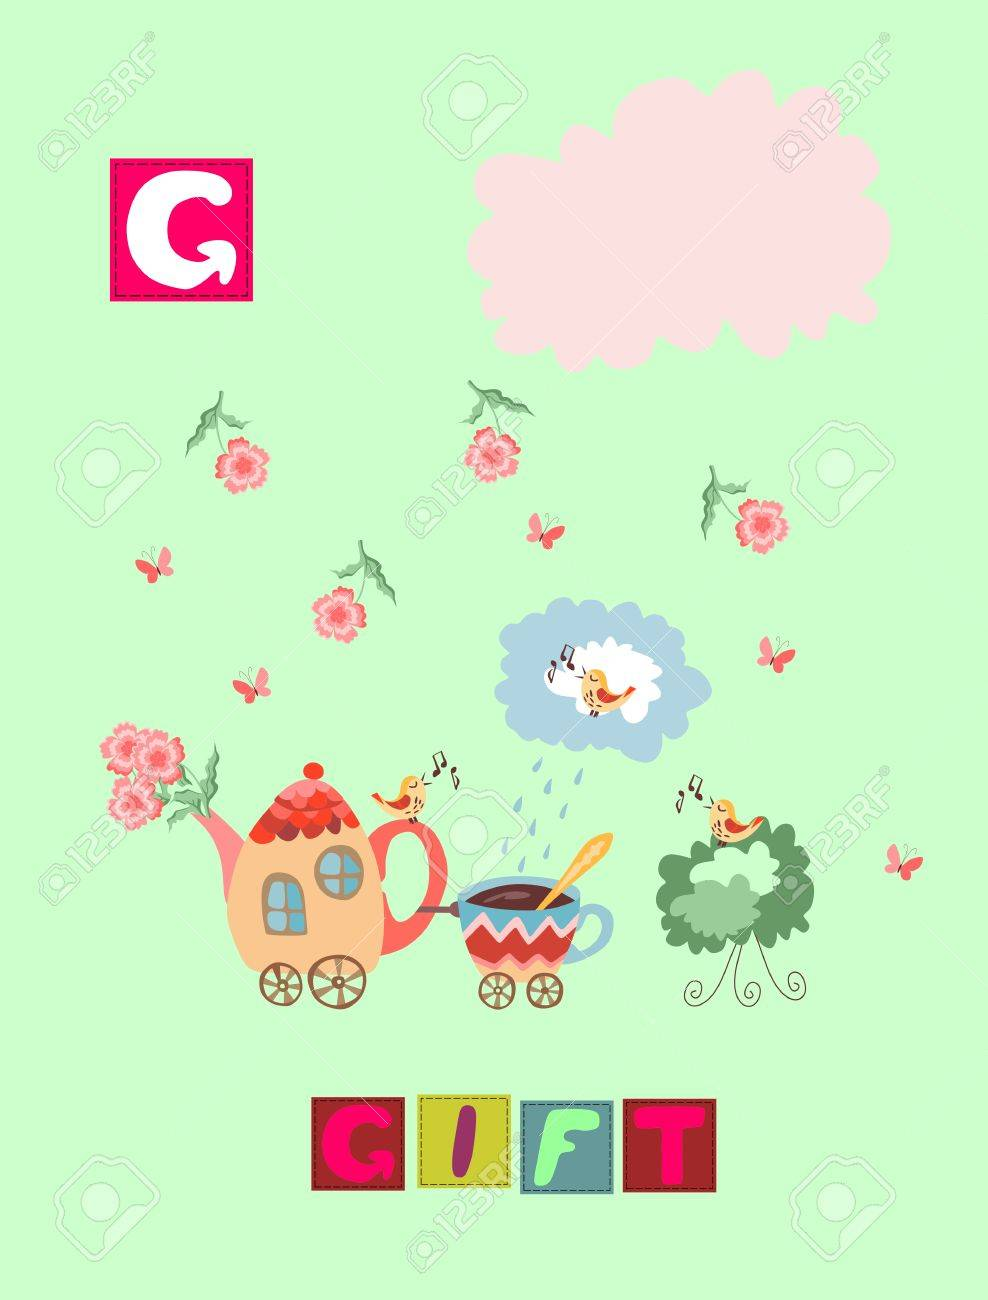 Storia Del T Cartone Animato Inglese Alfabeto Immagine Colorata E